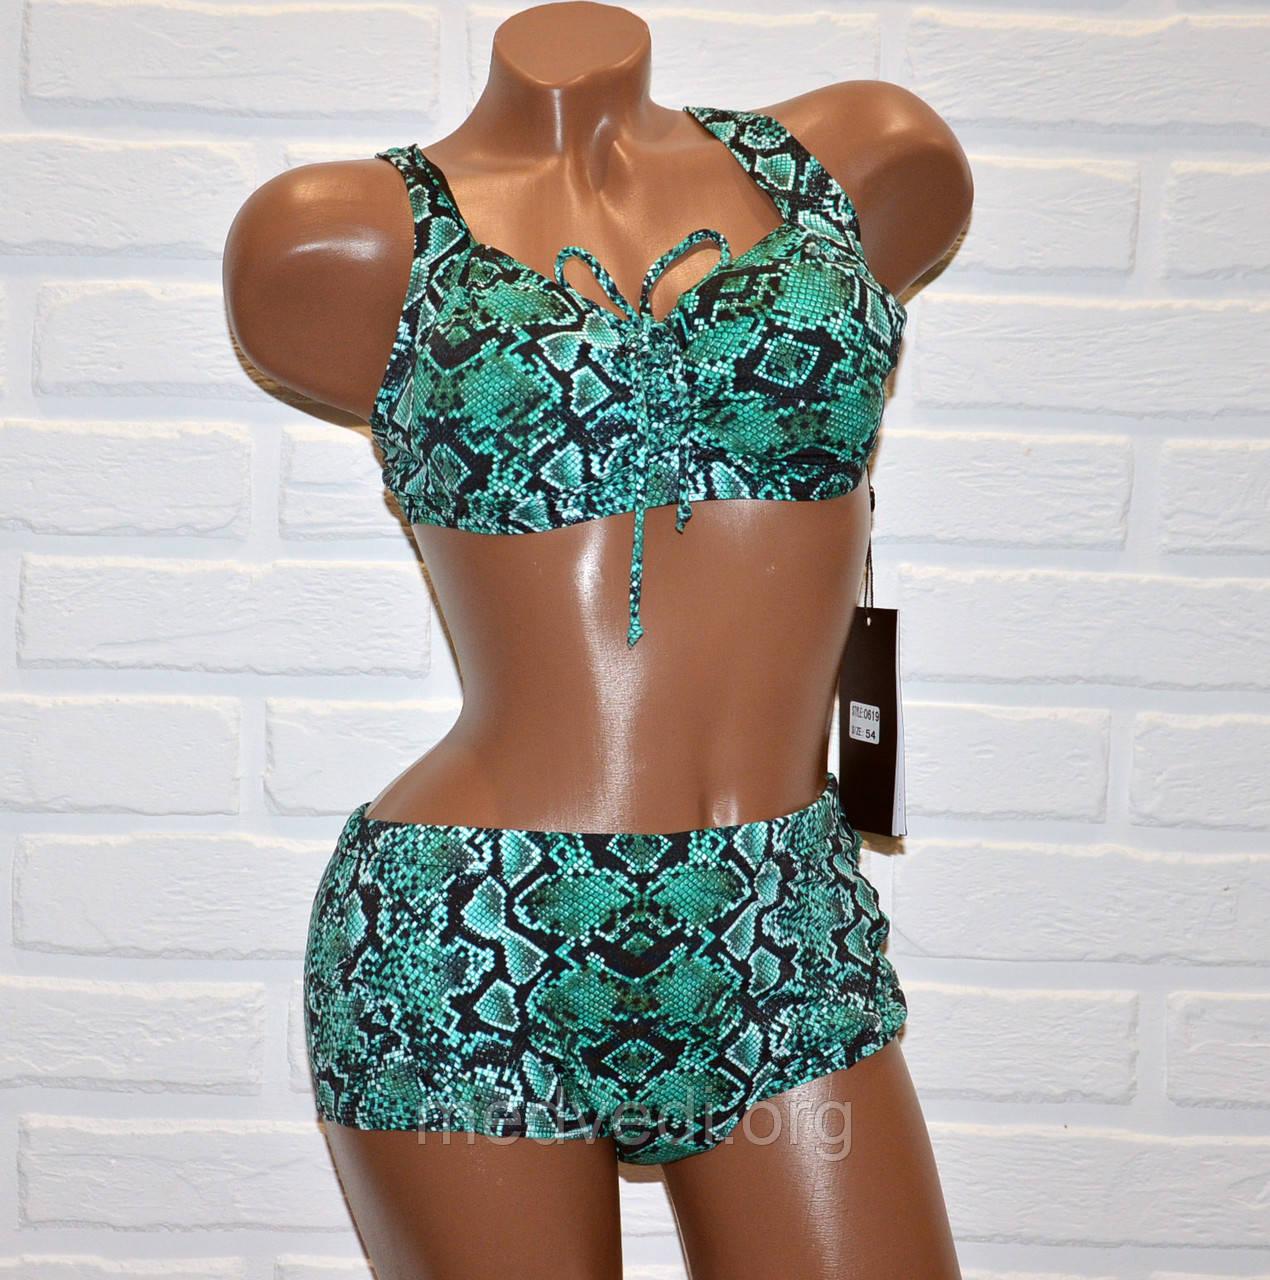 Большой размер 54 раздельный зеленый купальник для женщин, змеиная кожа, принт, на завязках